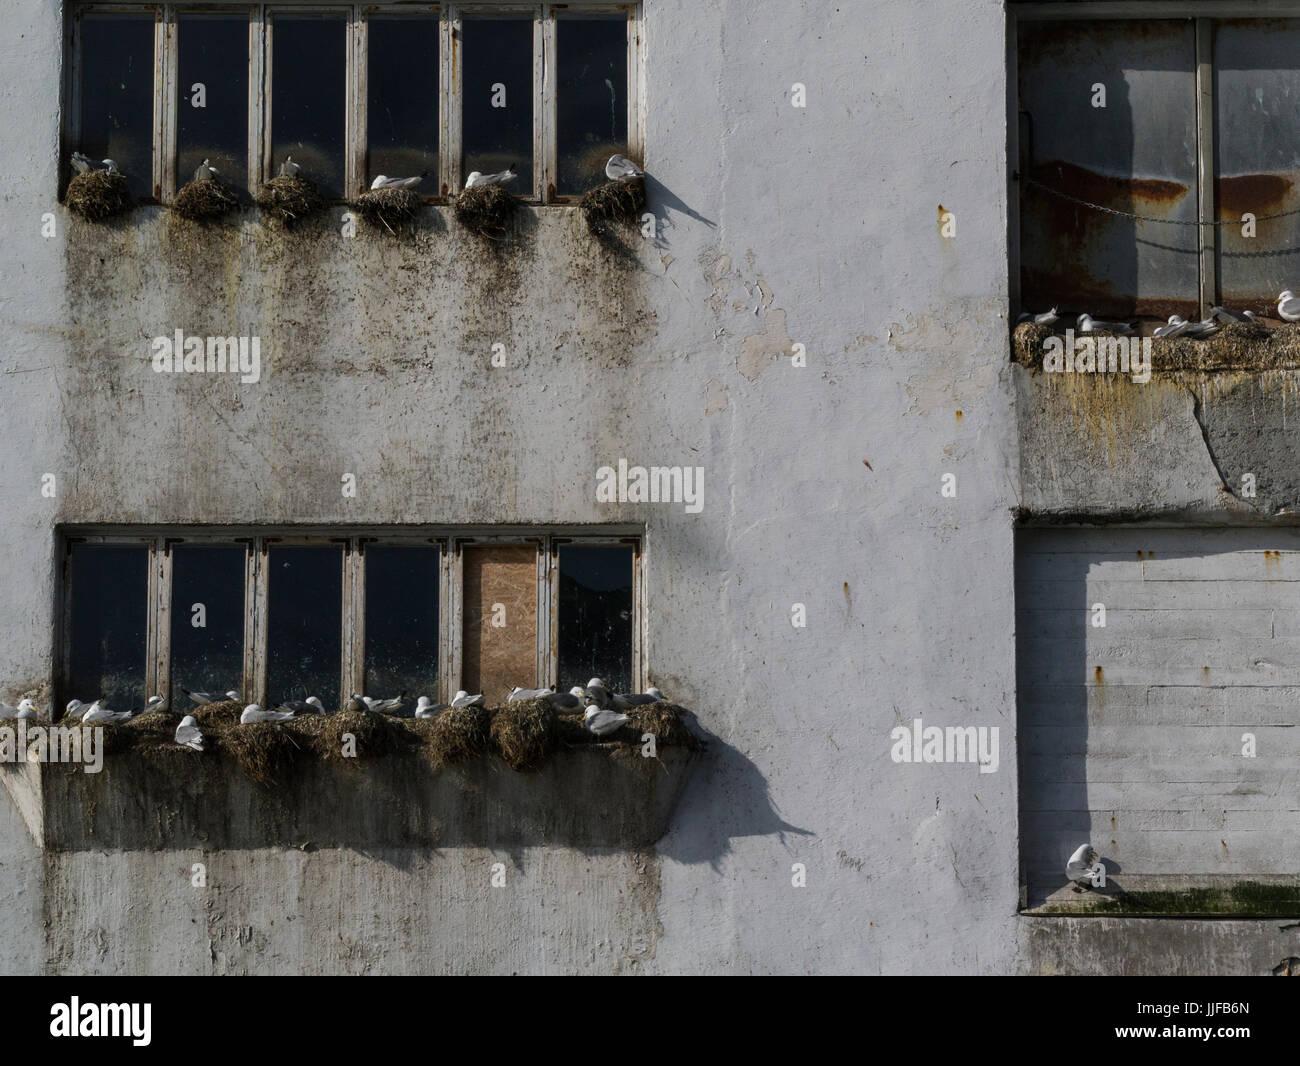 Eissturmvögel nisten auf Felsvorsprüngen Hafengebäuden Lofoten-Inseln Norwegen Stockbild